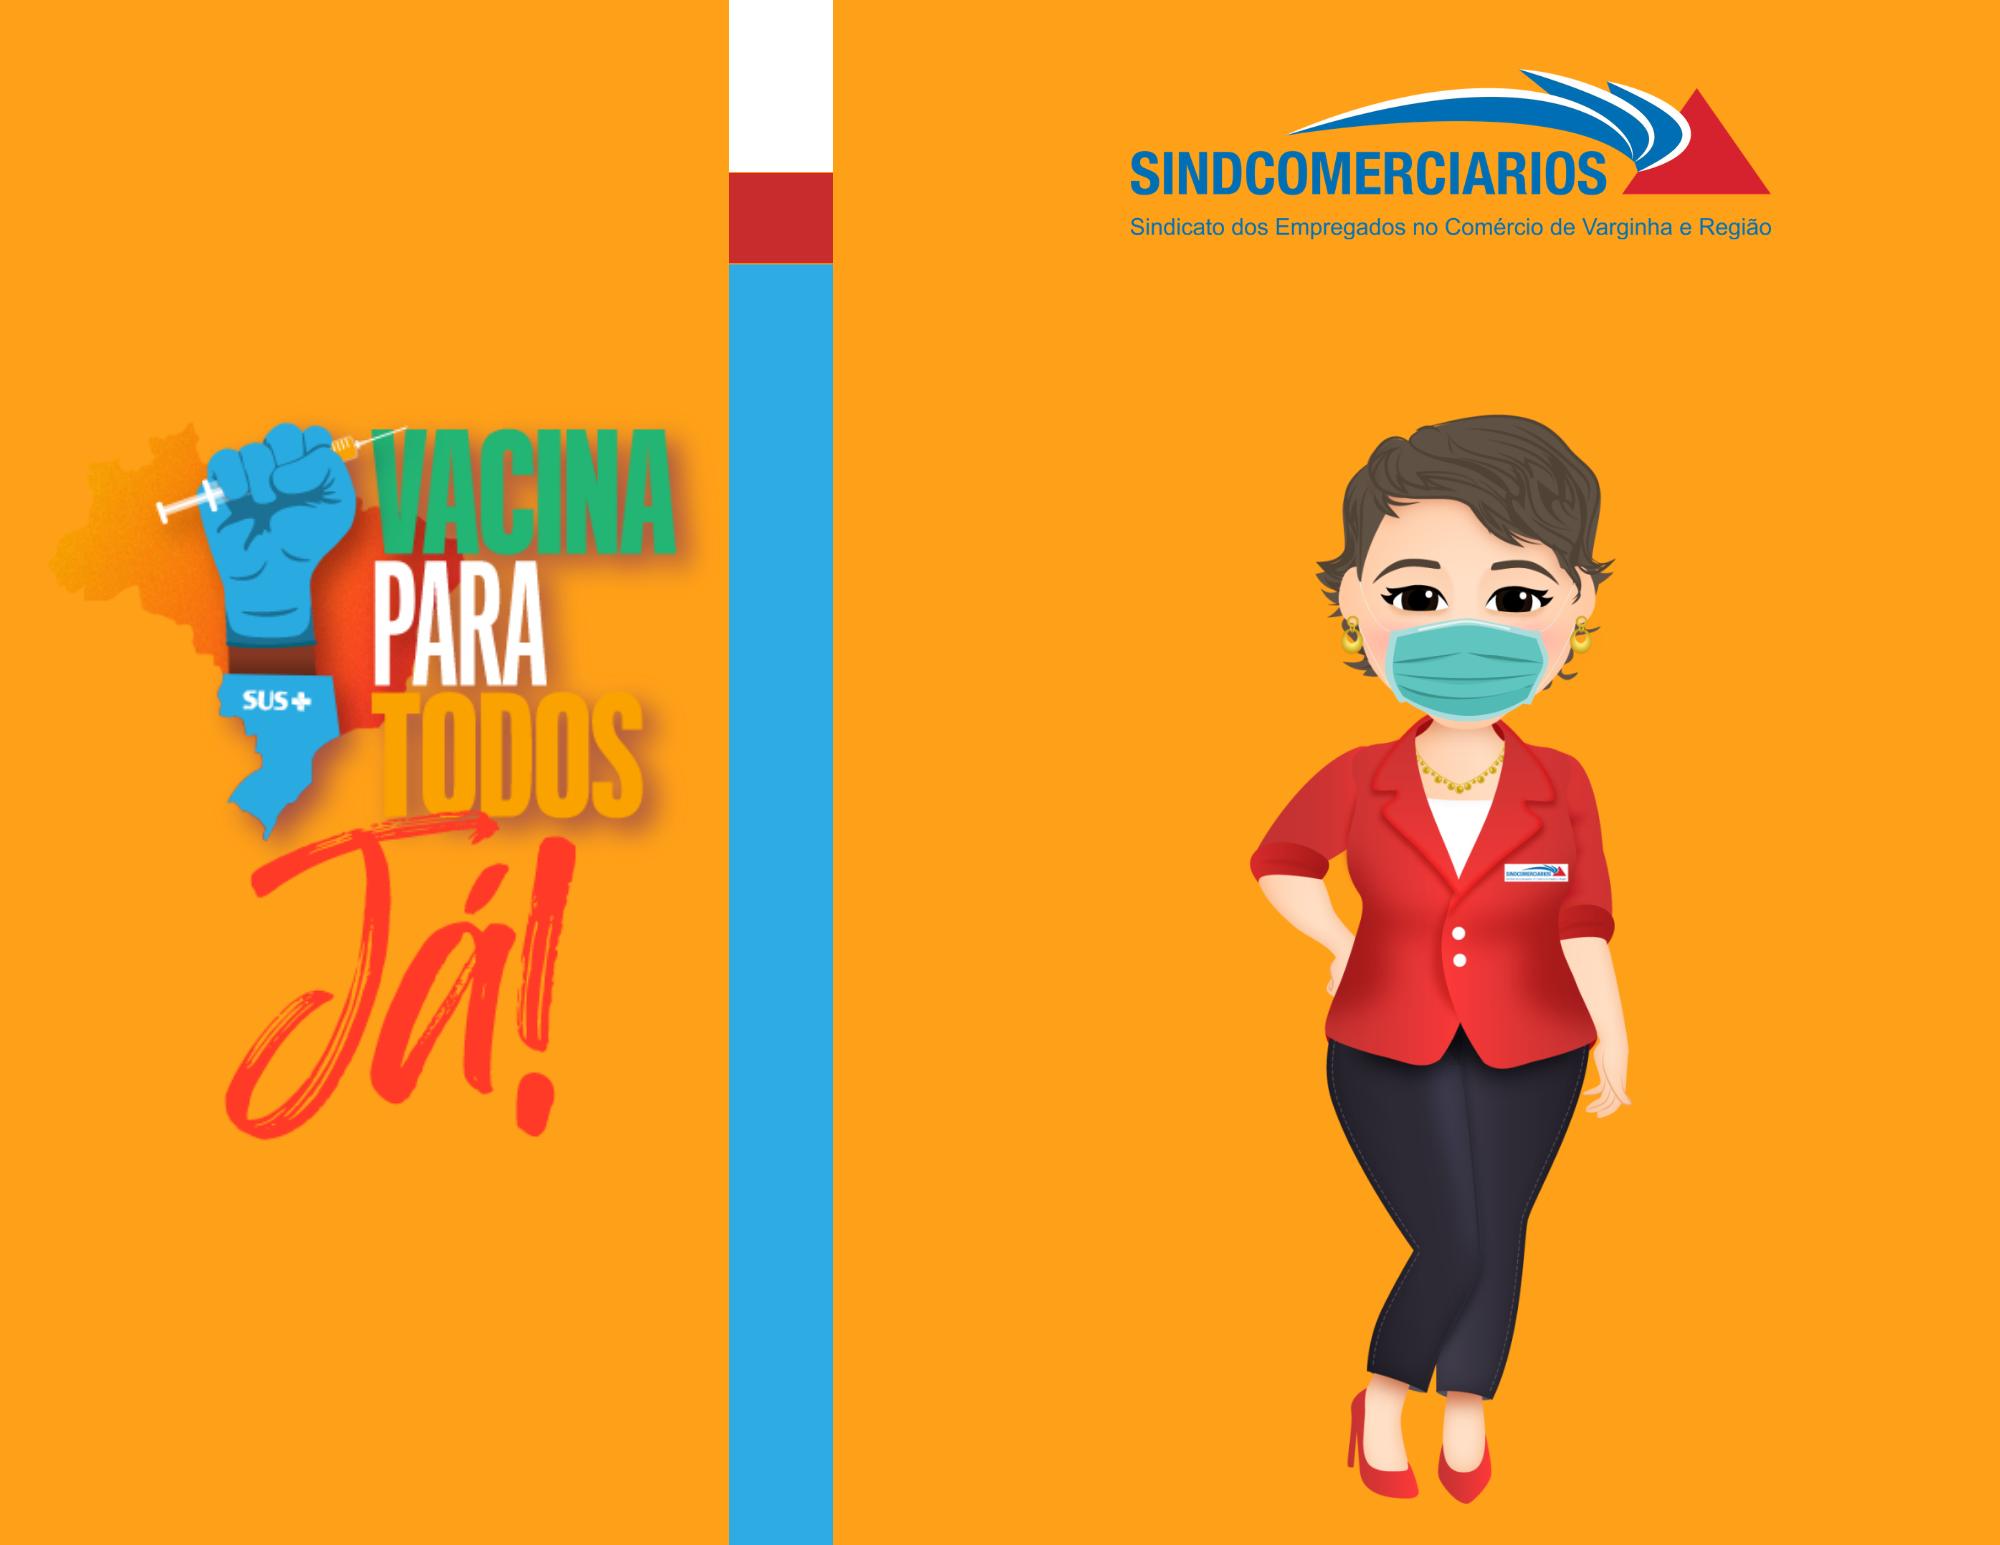 #vacinaparatodos #vacinaja